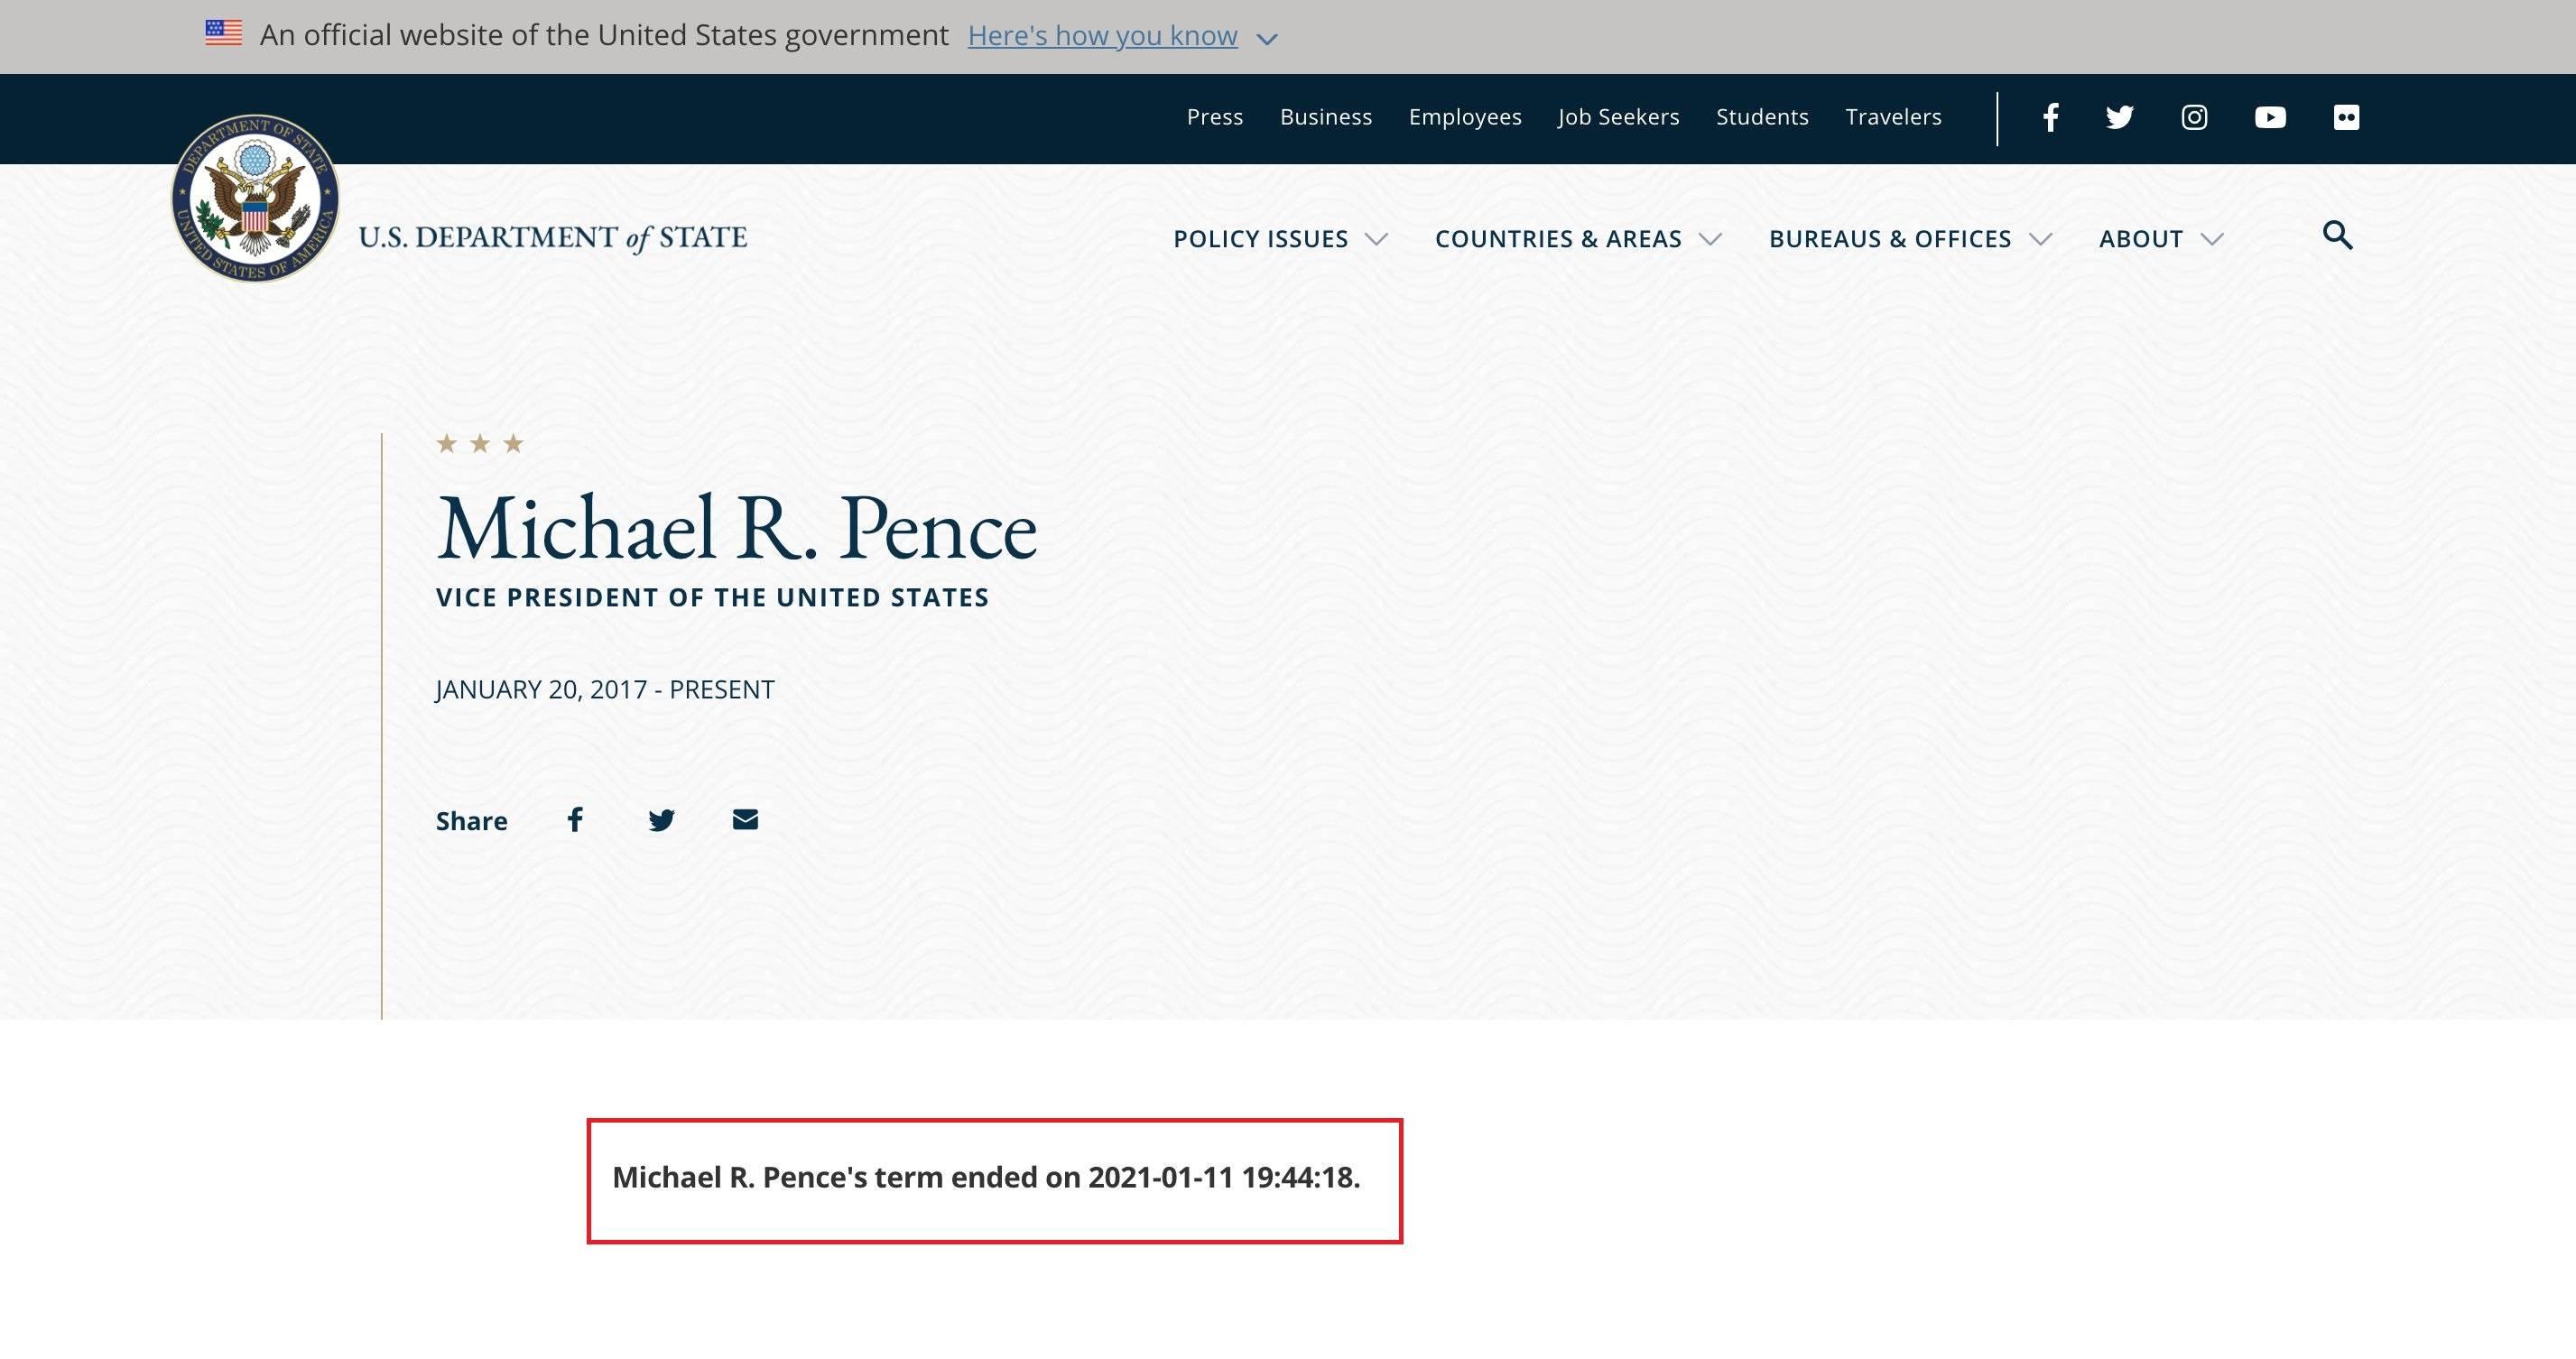 美国国务院网站曾一度更新特朗普简介:任期到1月11日结束